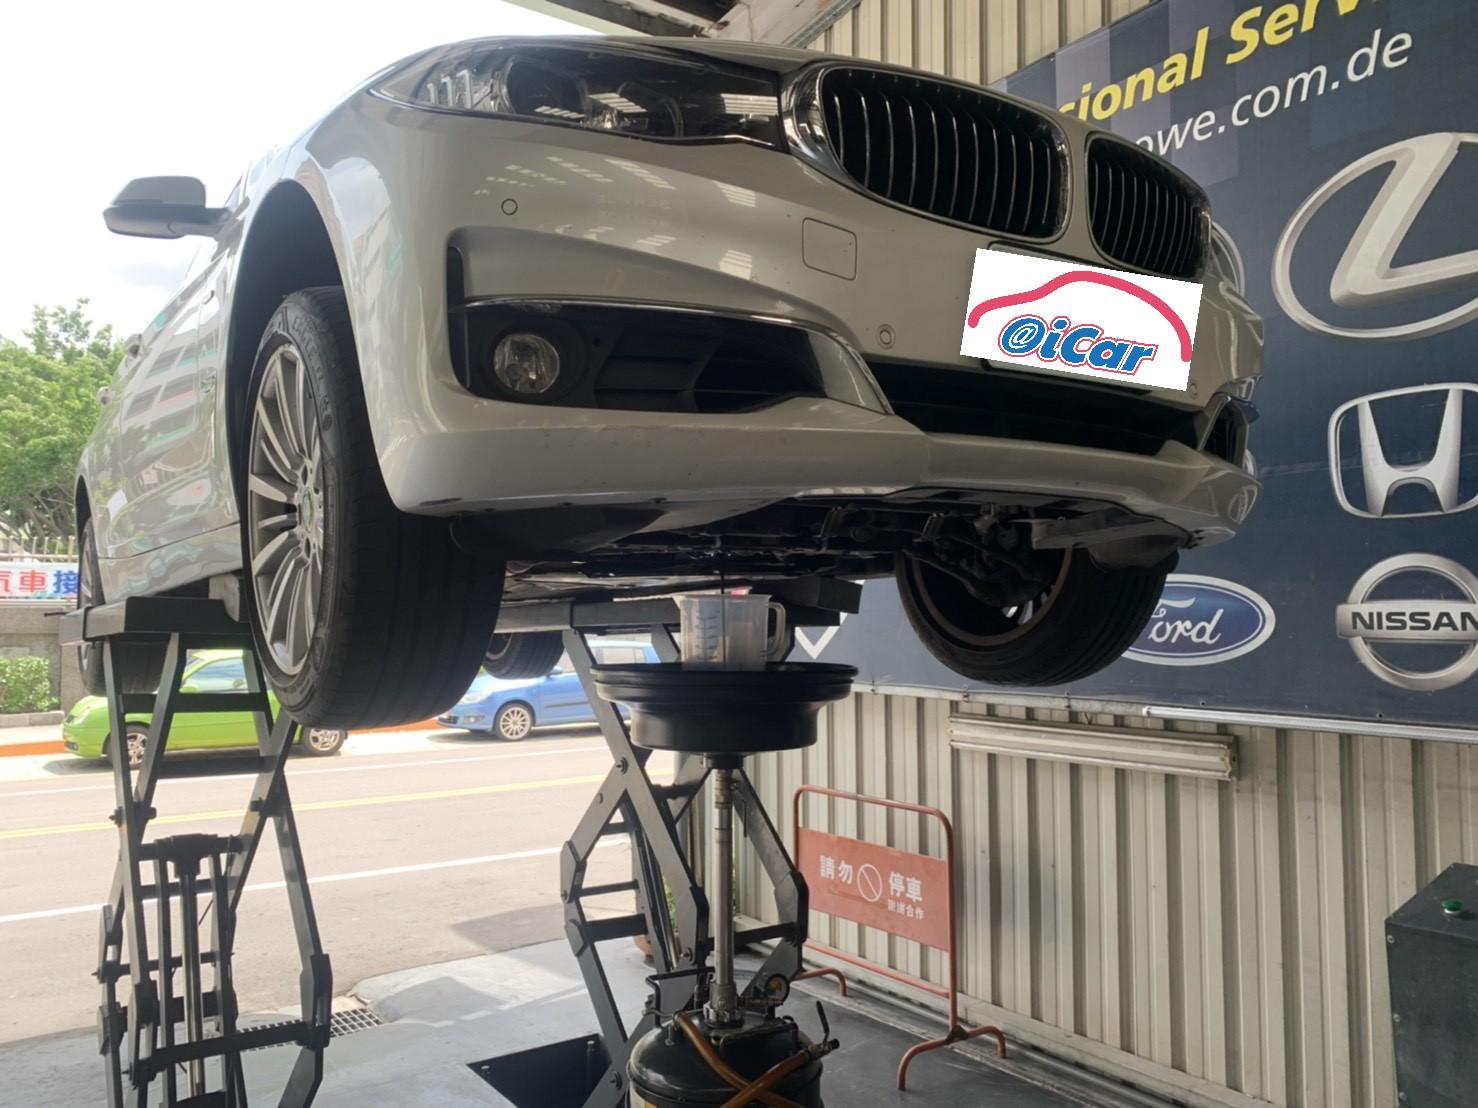 【振傑汽車】寶馬/BMW 320i/全車翻新#底盤漏油問題#底盤異音維修推薦#鋁合金油底殼#引擎漏油#內手把斷裂搖晃#OiCar台中市北屯區推薦汽車線上預約保養維修服務